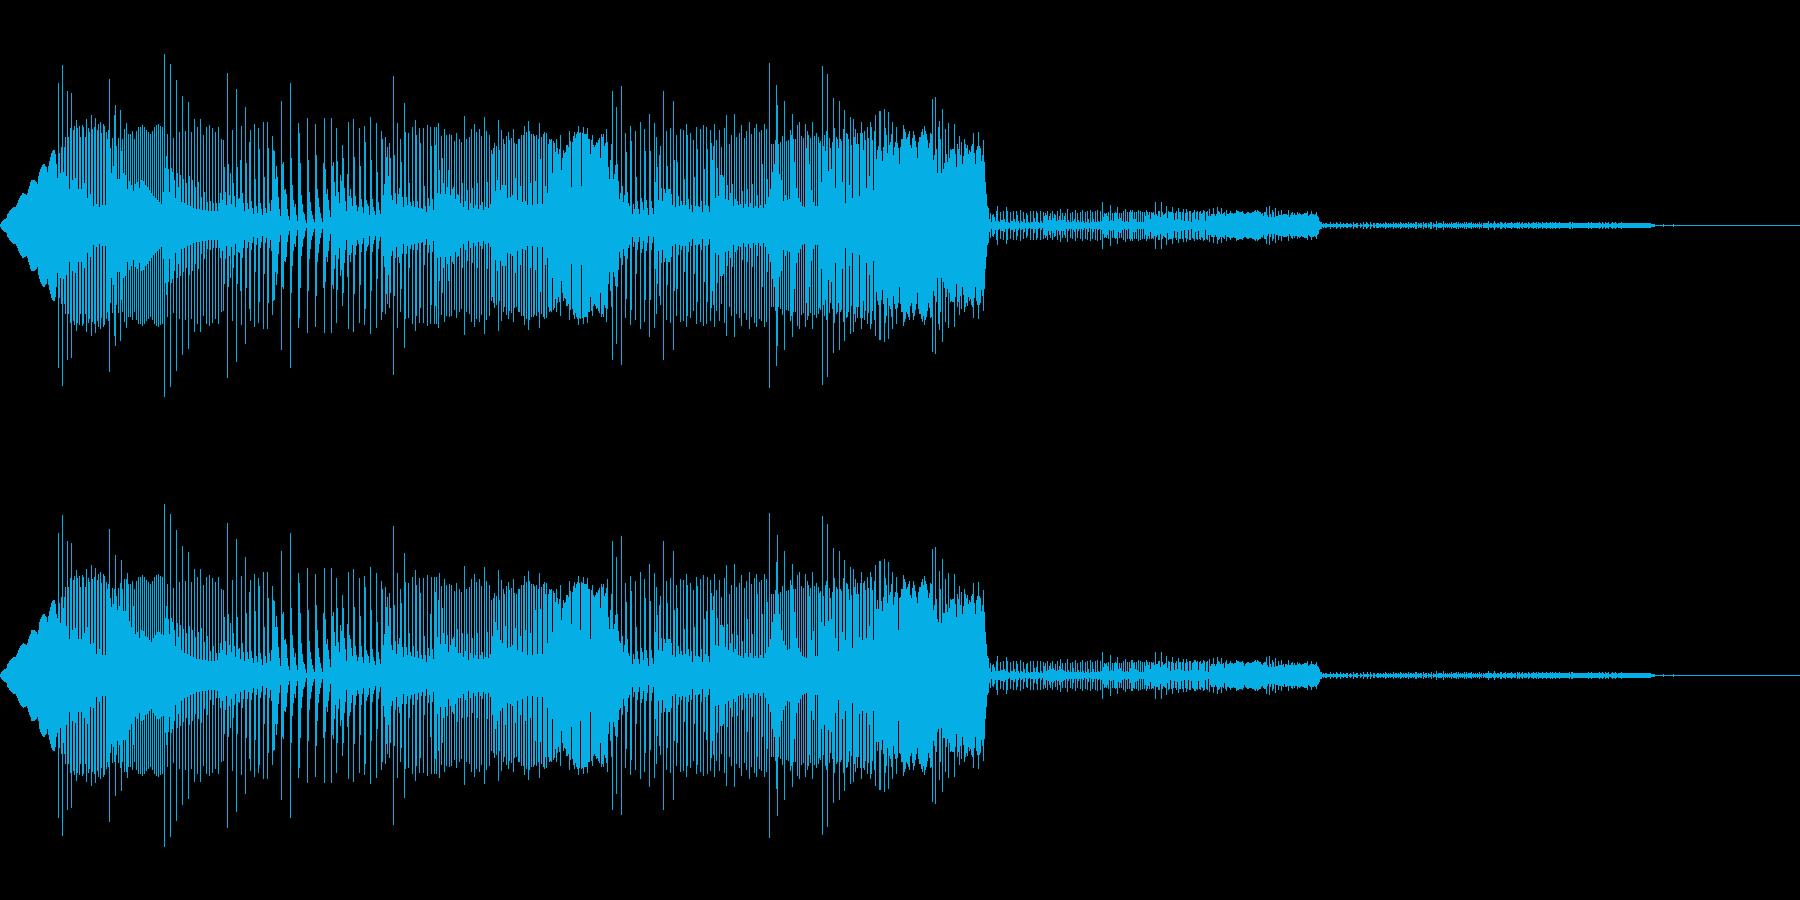 通知(8bit風)の再生済みの波形